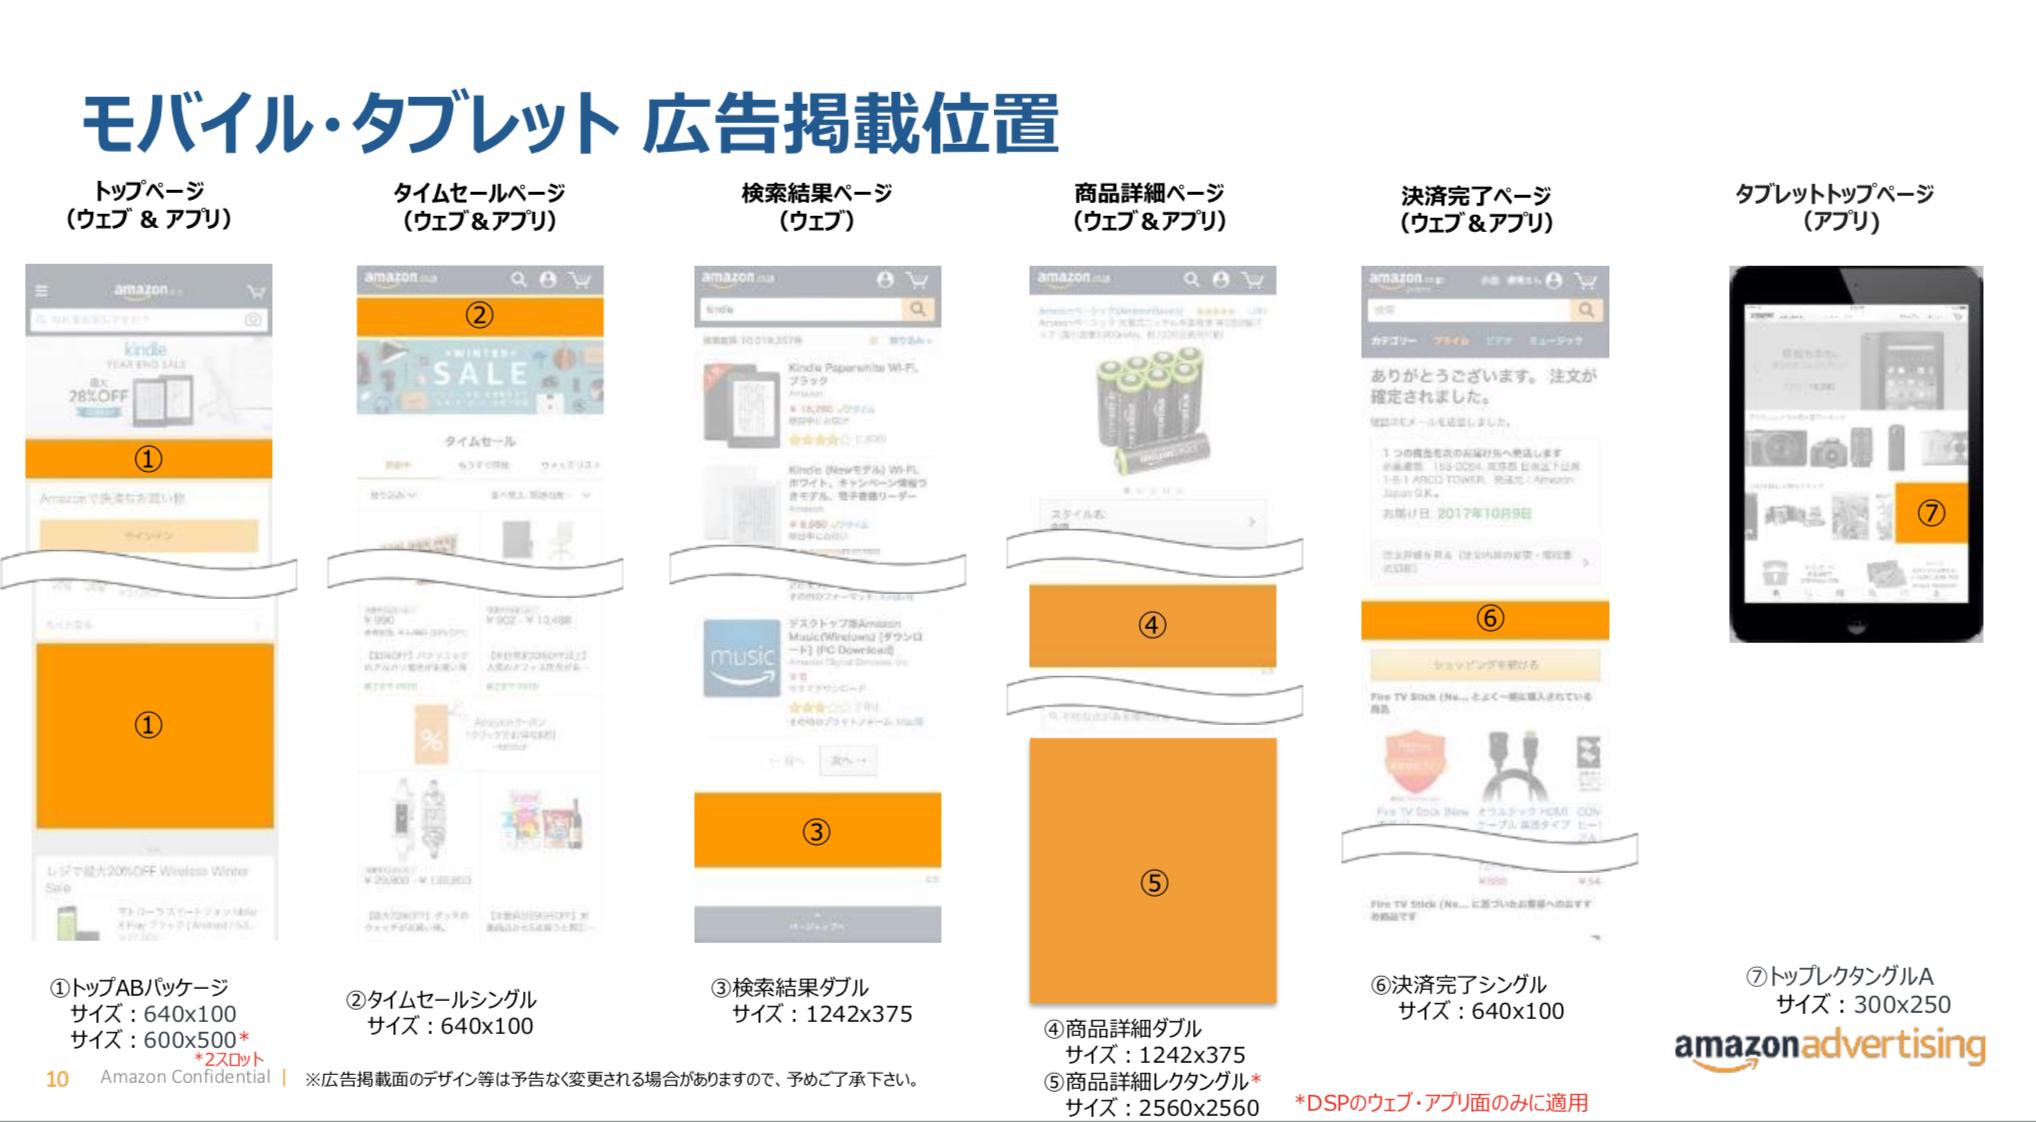 Amazon広告の掲載位置(モバイル・タブレット)